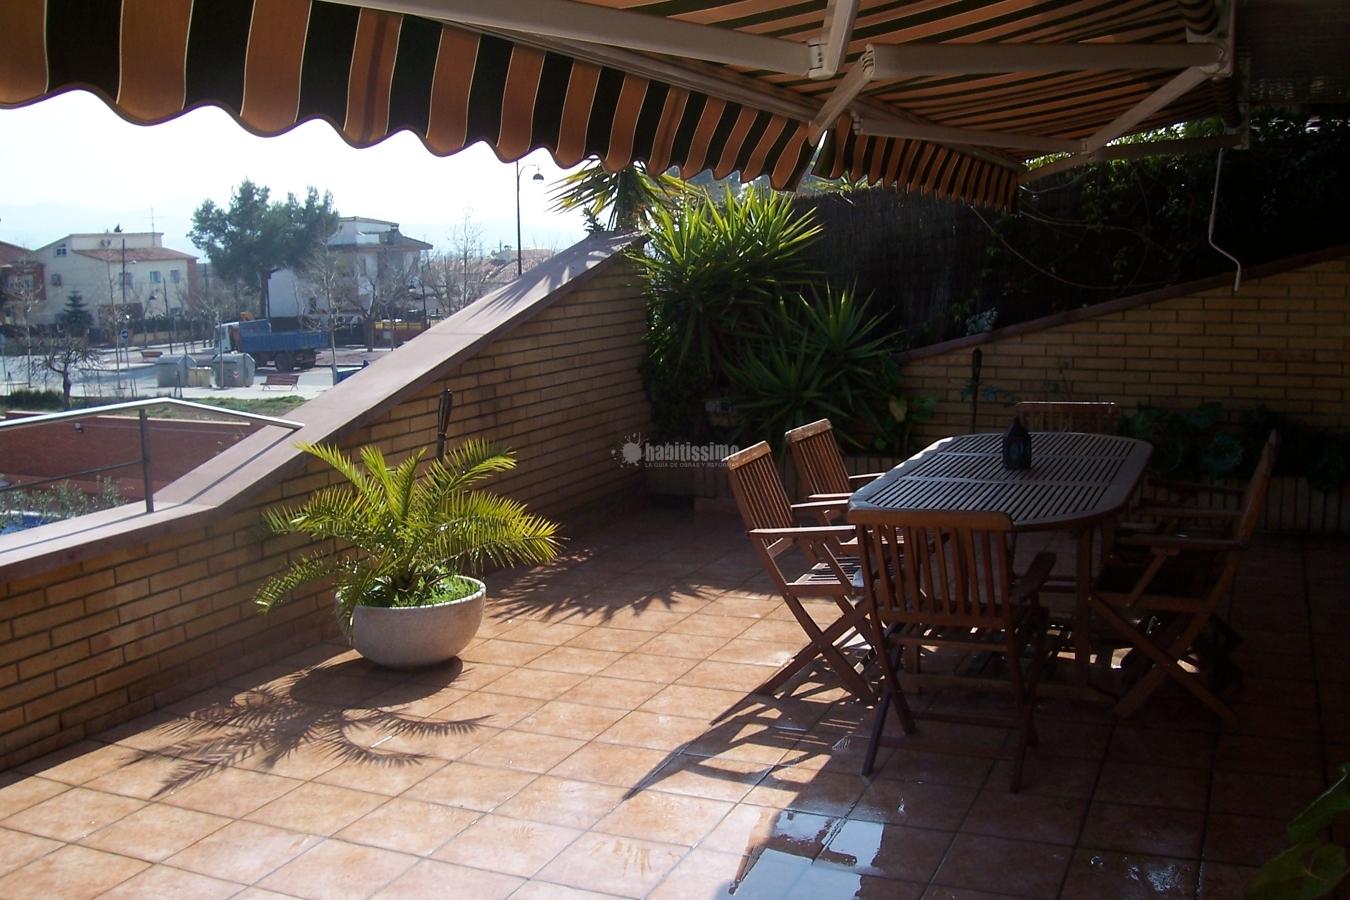 Acabados y jardinera de terraza ideas impermeabilizaciones - Jardineras para terrazas ...